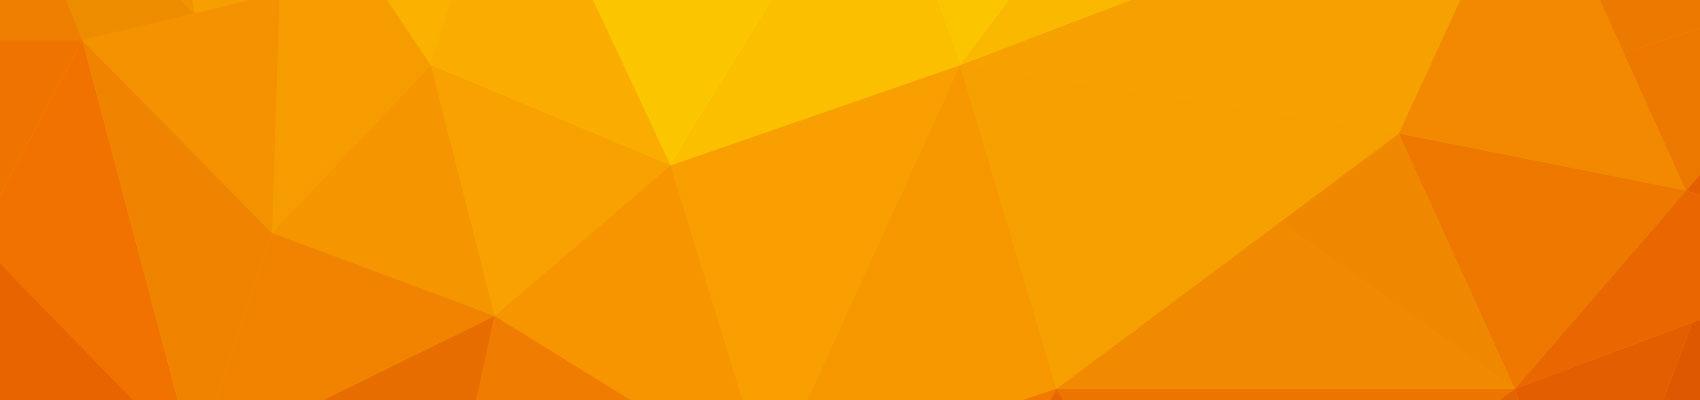 OrangeBack3